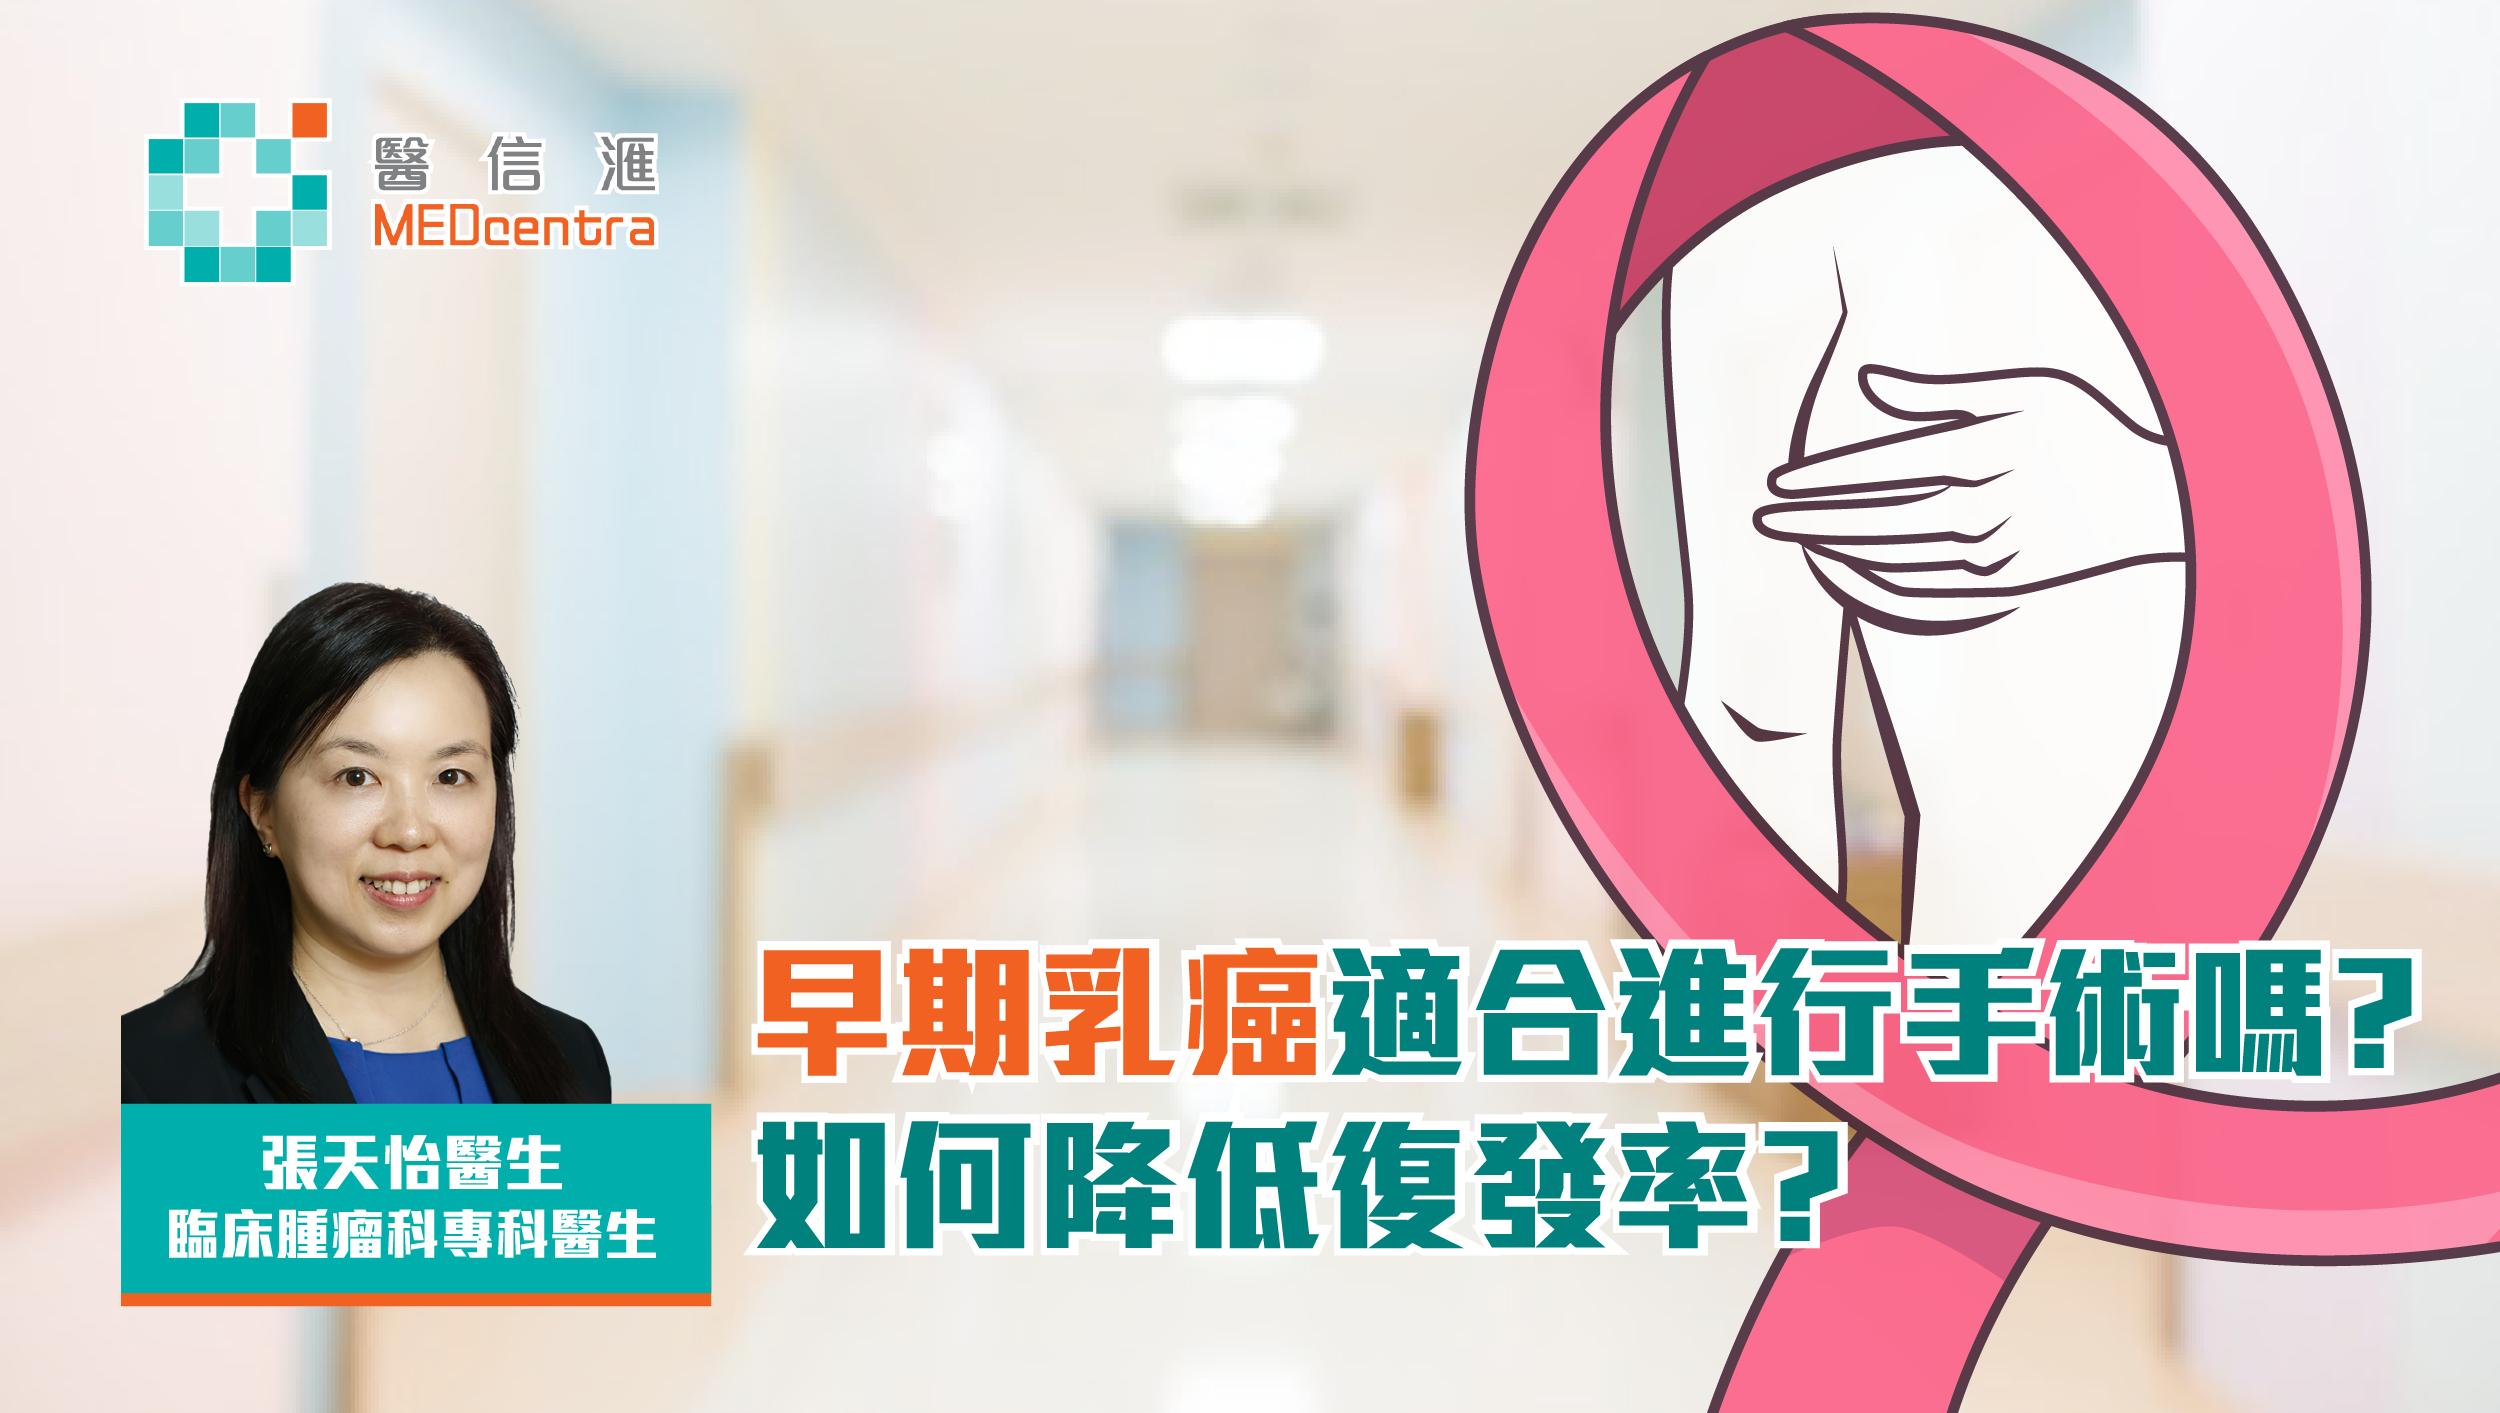 早期乳癌適合進行手術嗎?  如何降低復發率?   張天怡醫生